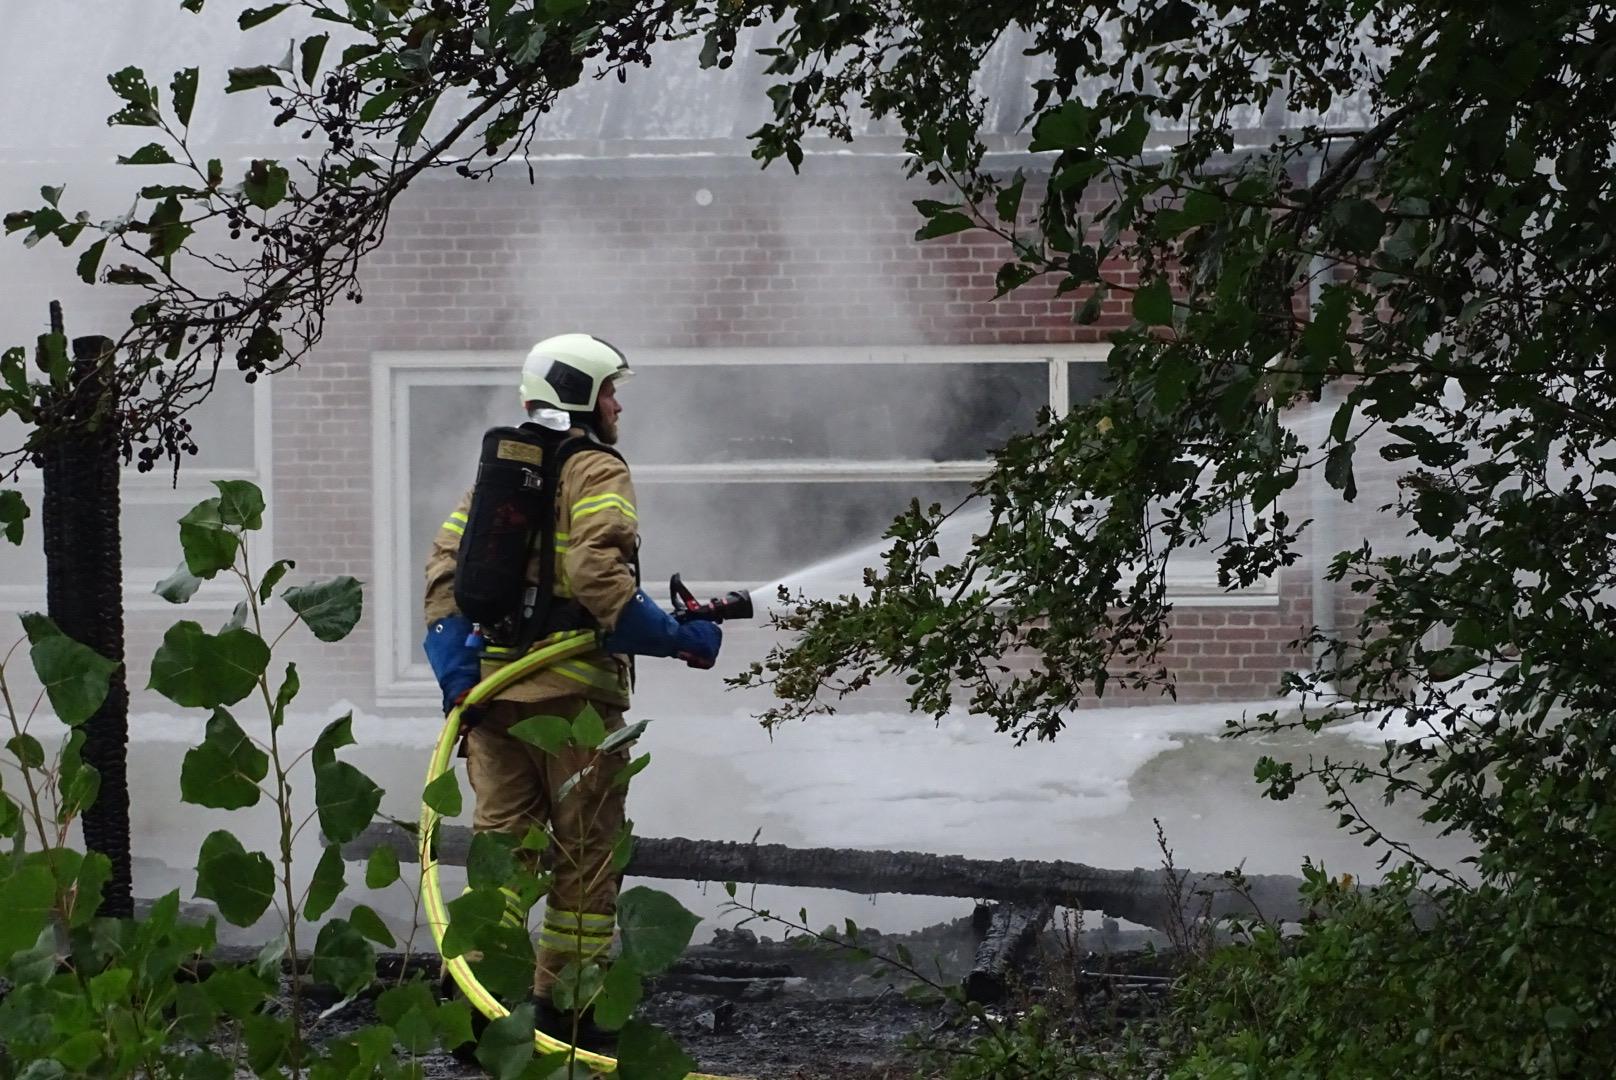 Brand i skur på skole - brandvæsnet er fremme